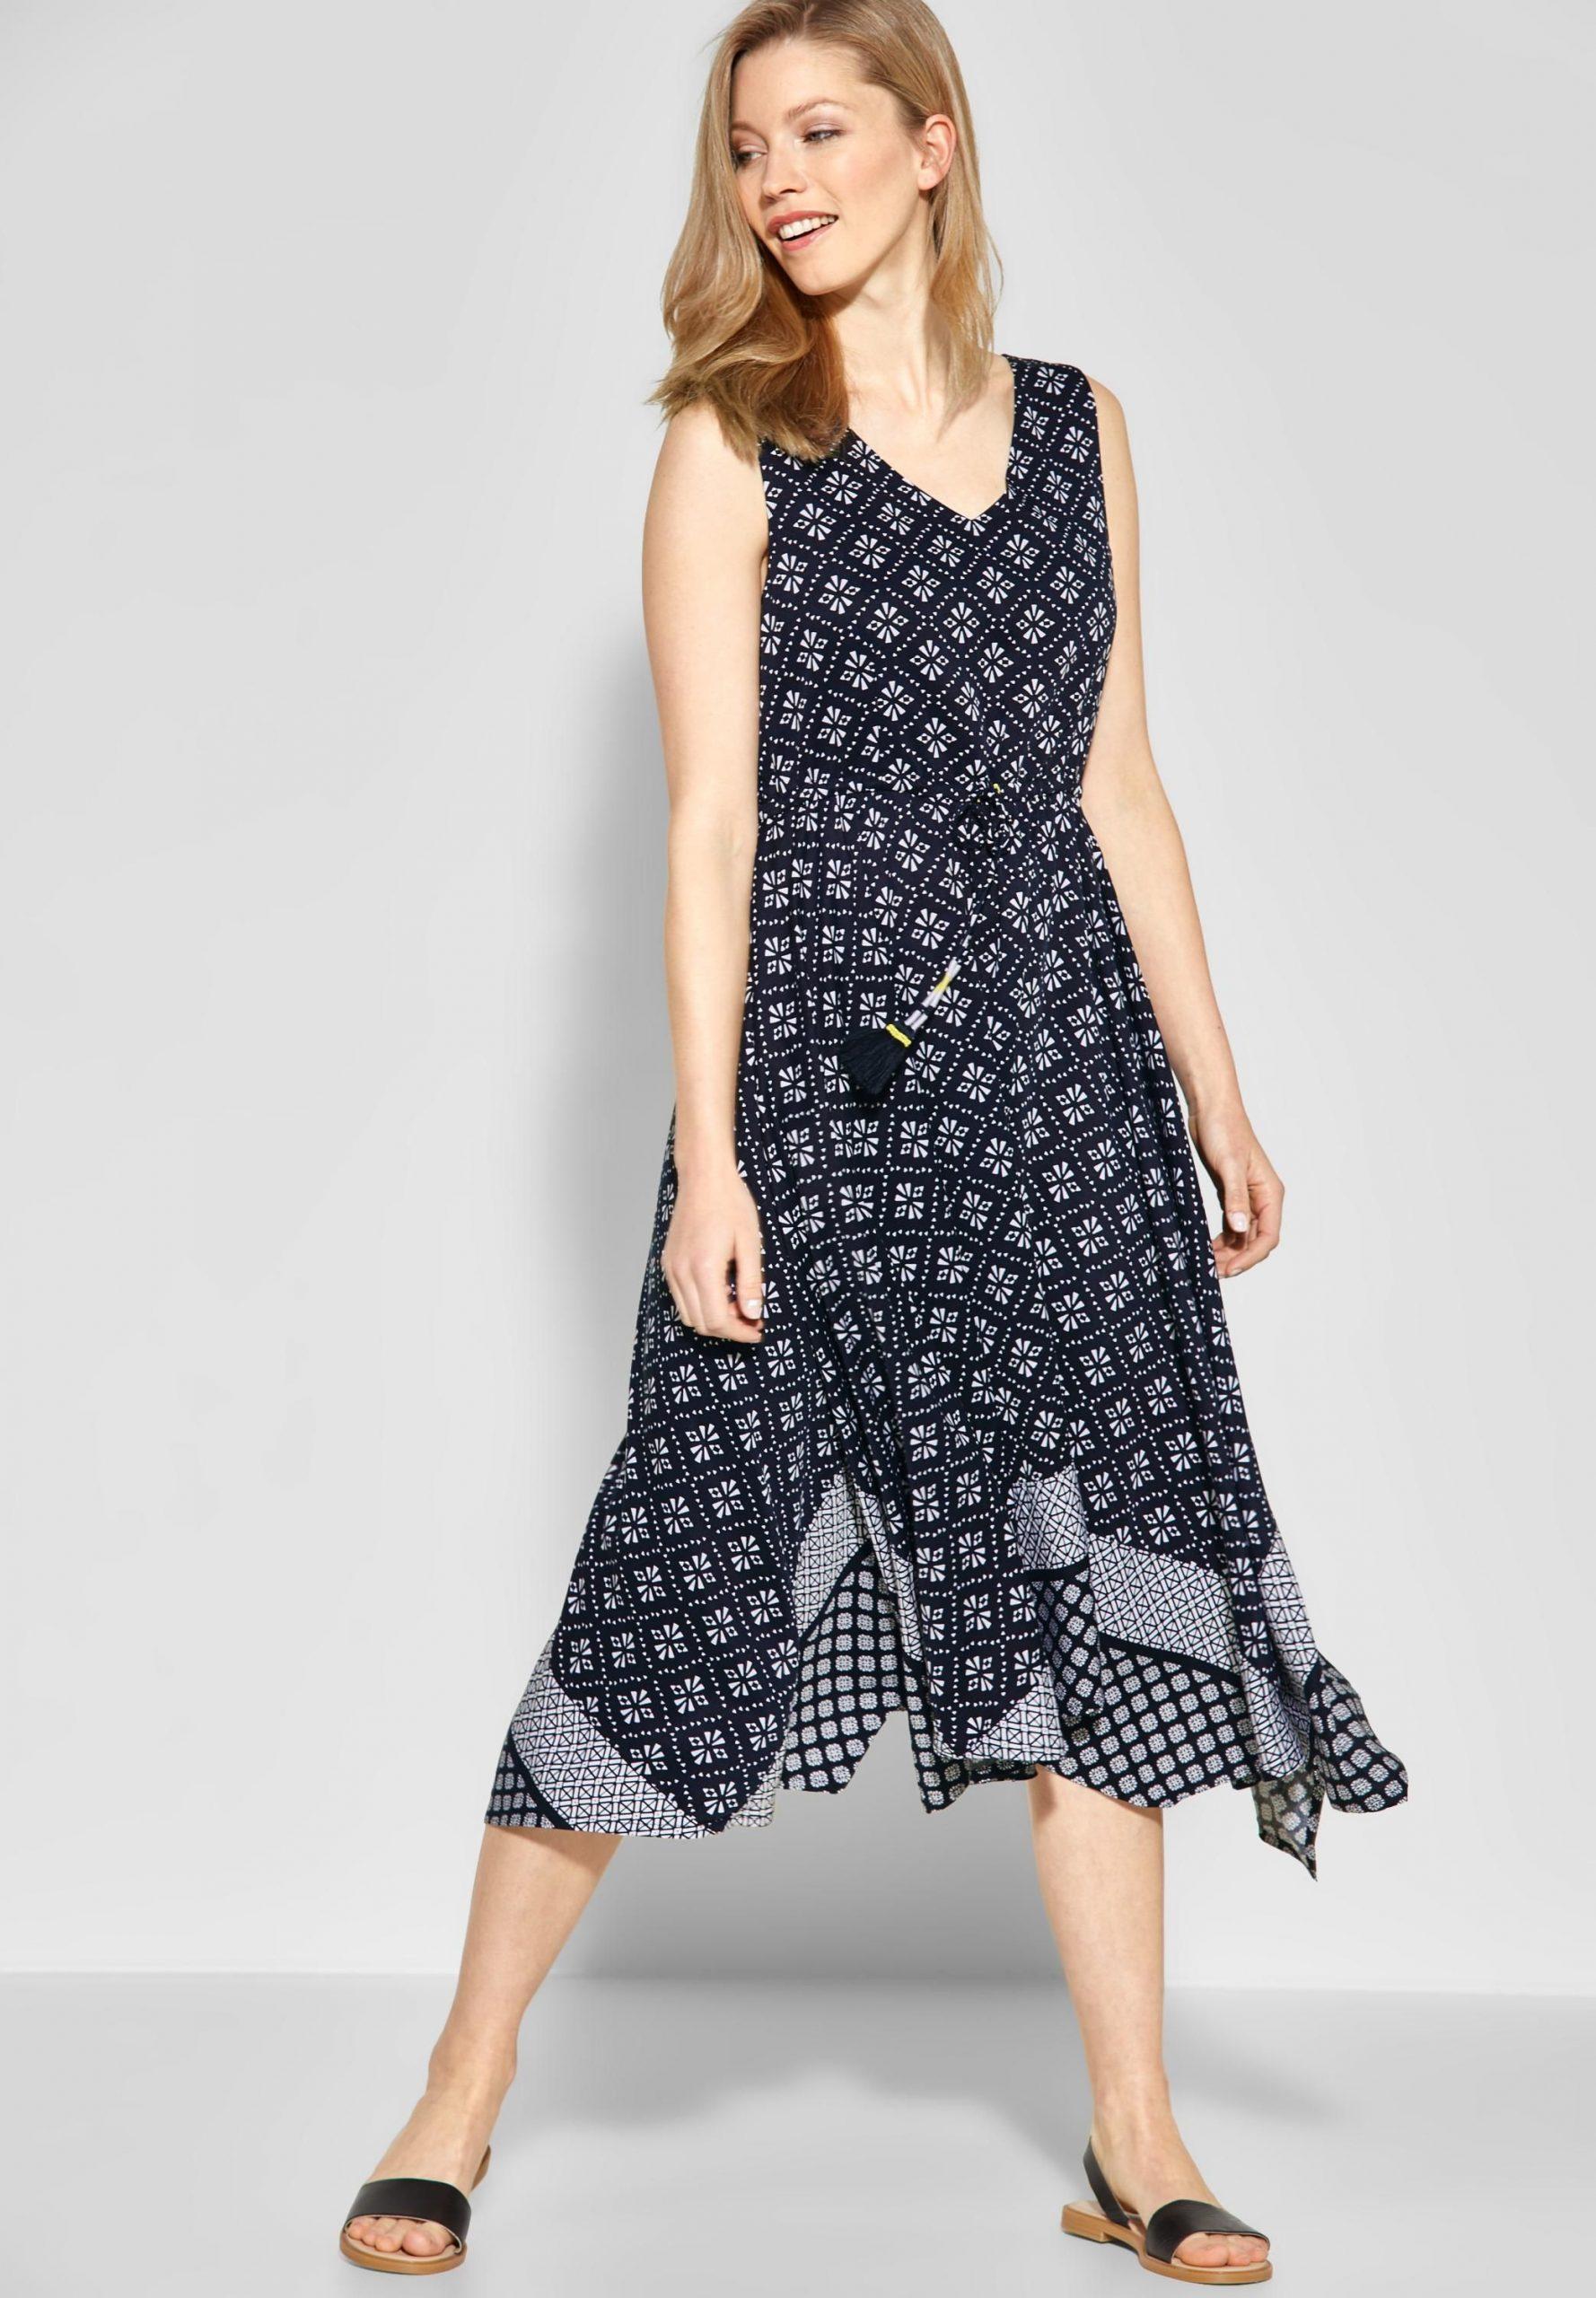 15 Spektakulär Damenkleid Design17 Genial Damenkleid Design